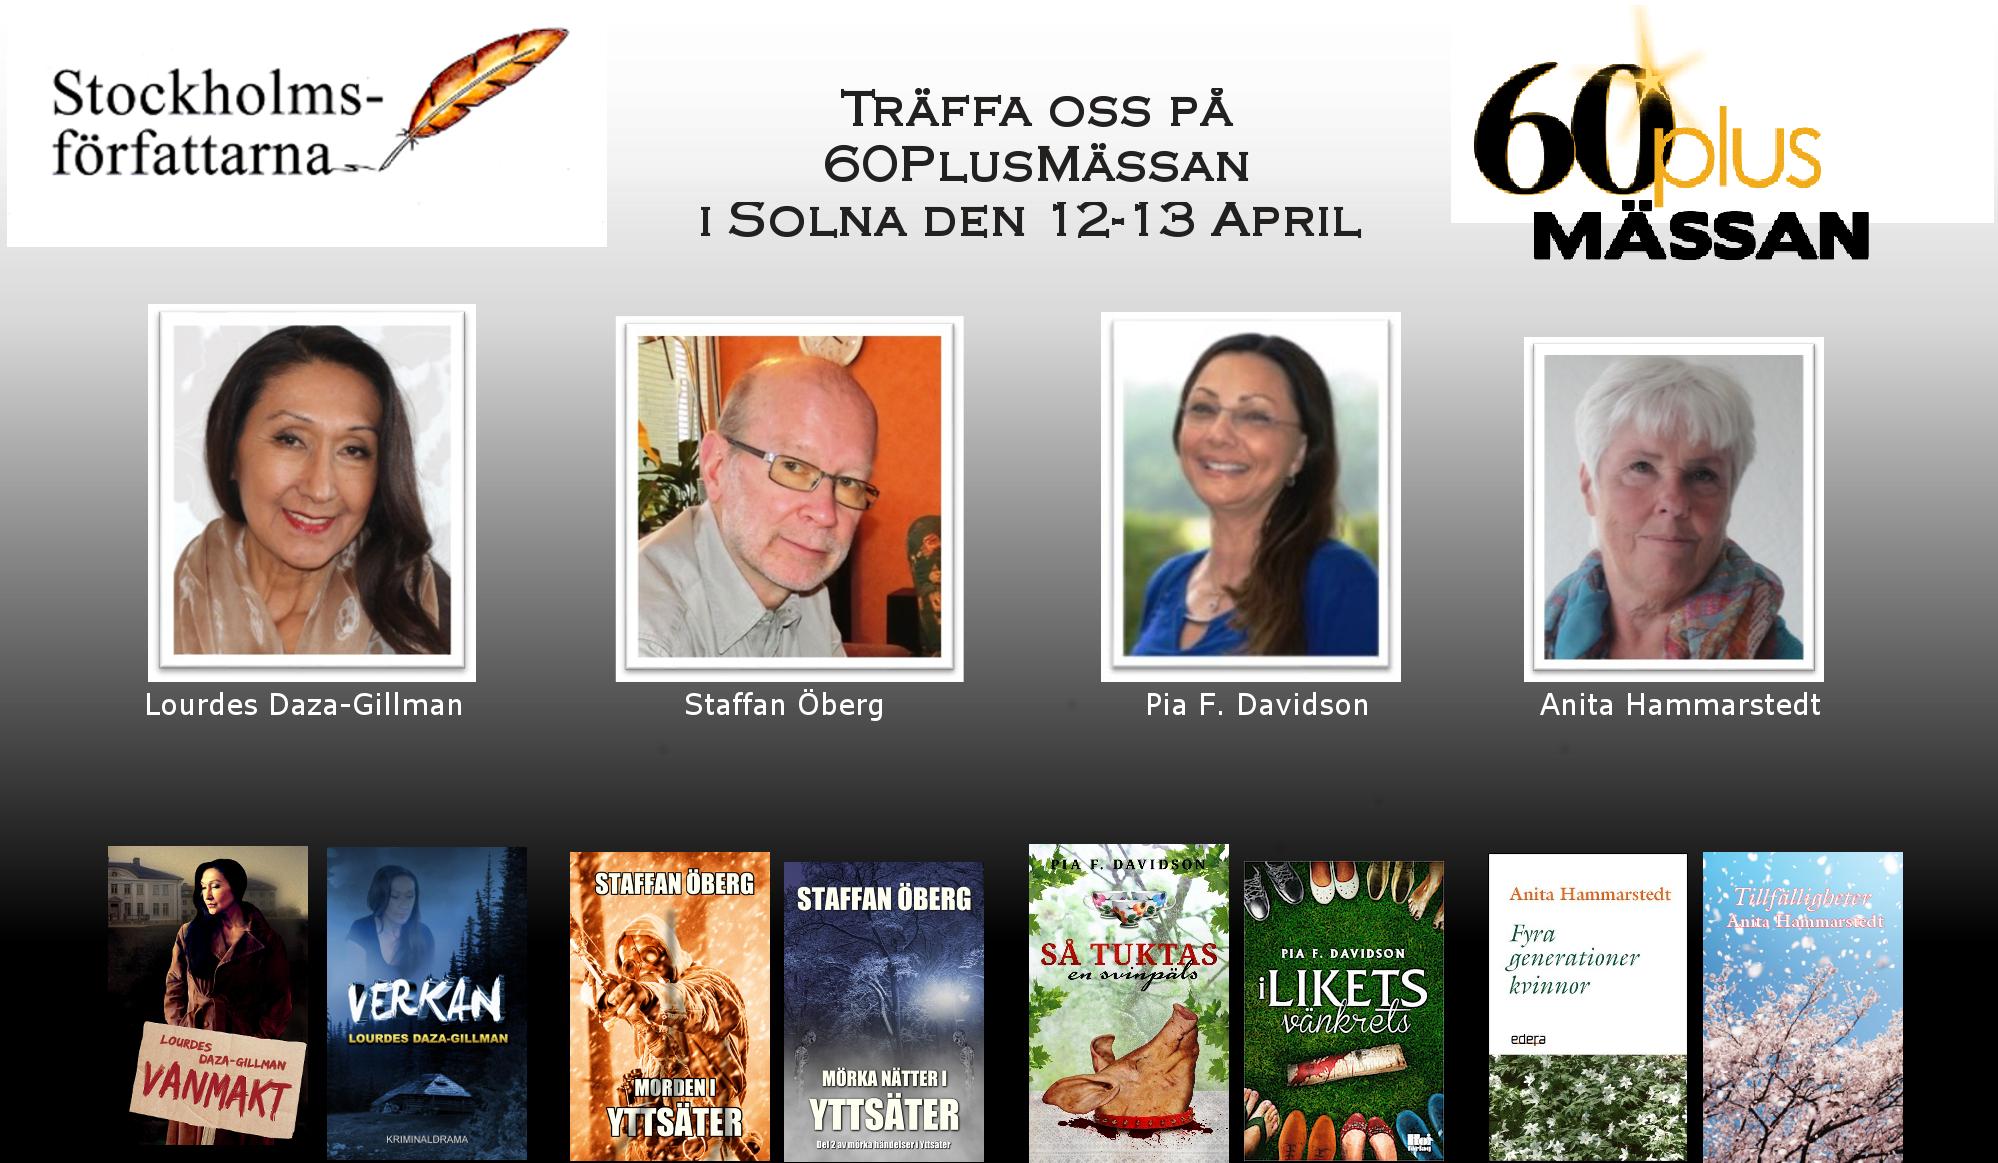 60plusmässan_Våra böcker